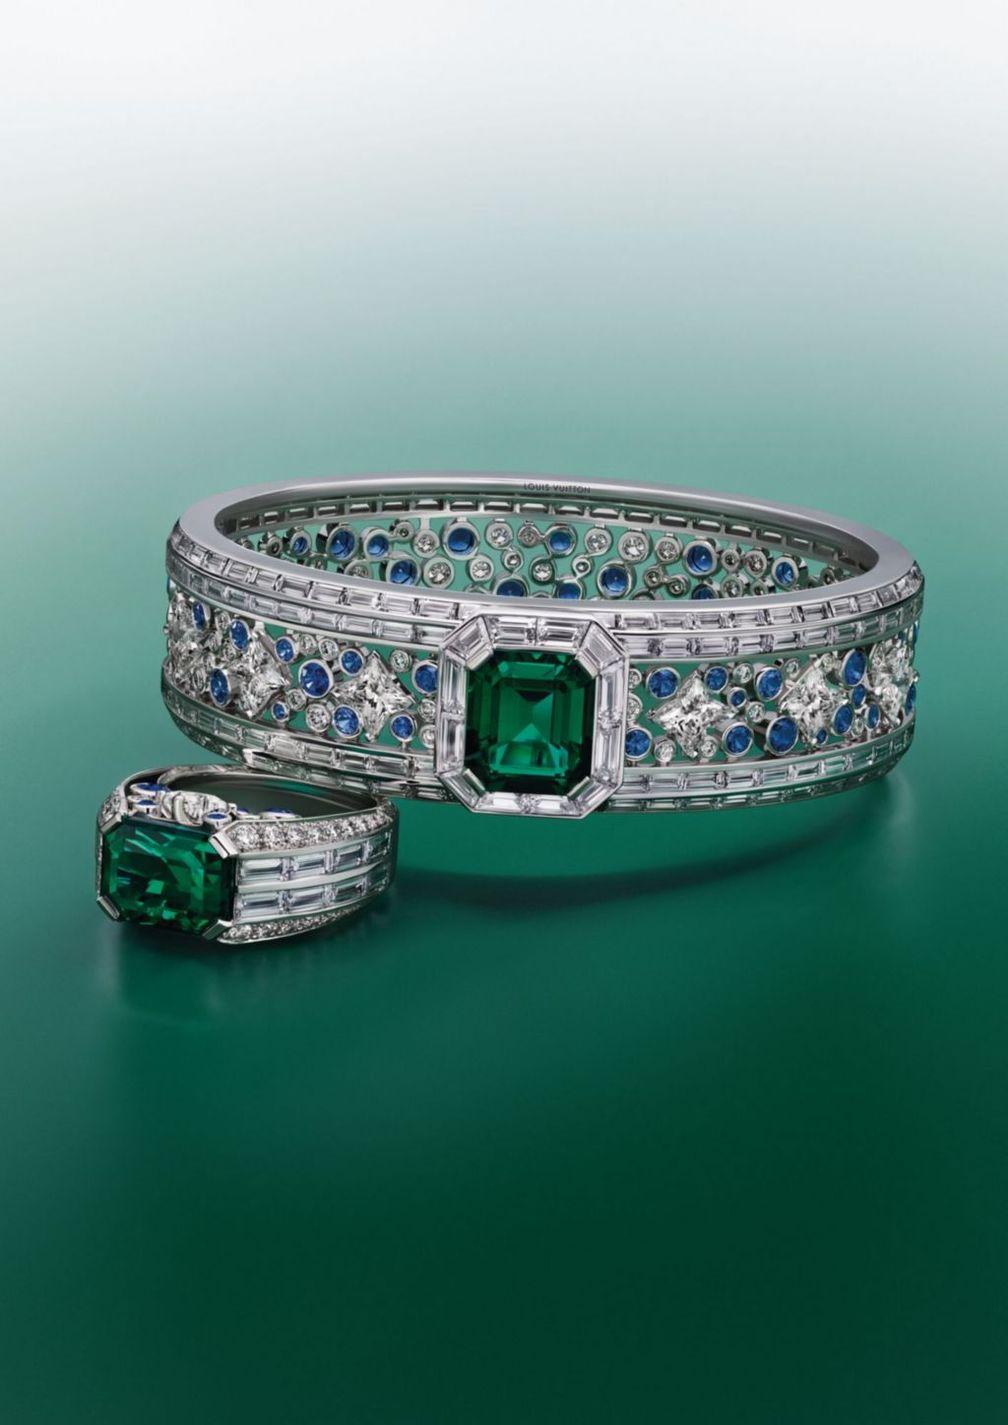 Браслет и кольцо Planète Bleue из белого золота и платины с изумрудом, бриллиантами, сапфирами и бриллиантами